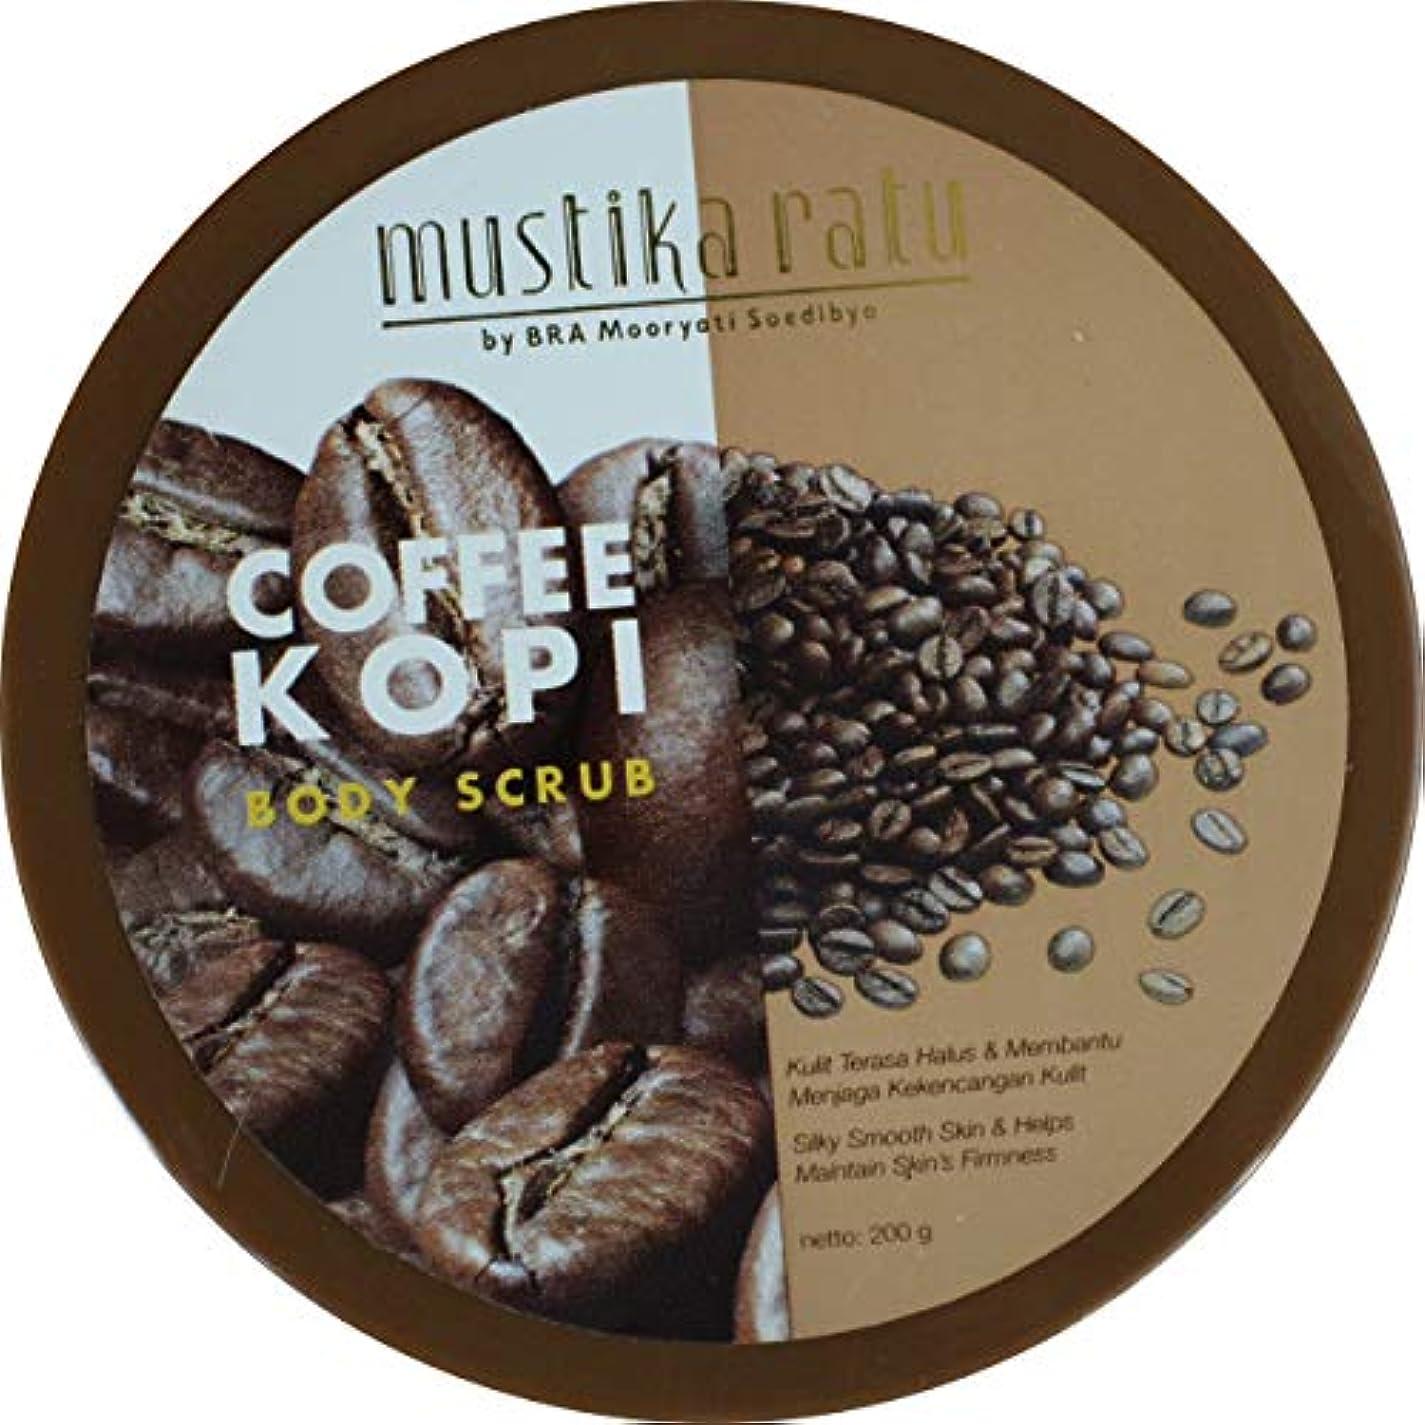 課す捕虜ロデオMustika Ratu インドネシア200グラム単位でのコーヒーボディスクラップ